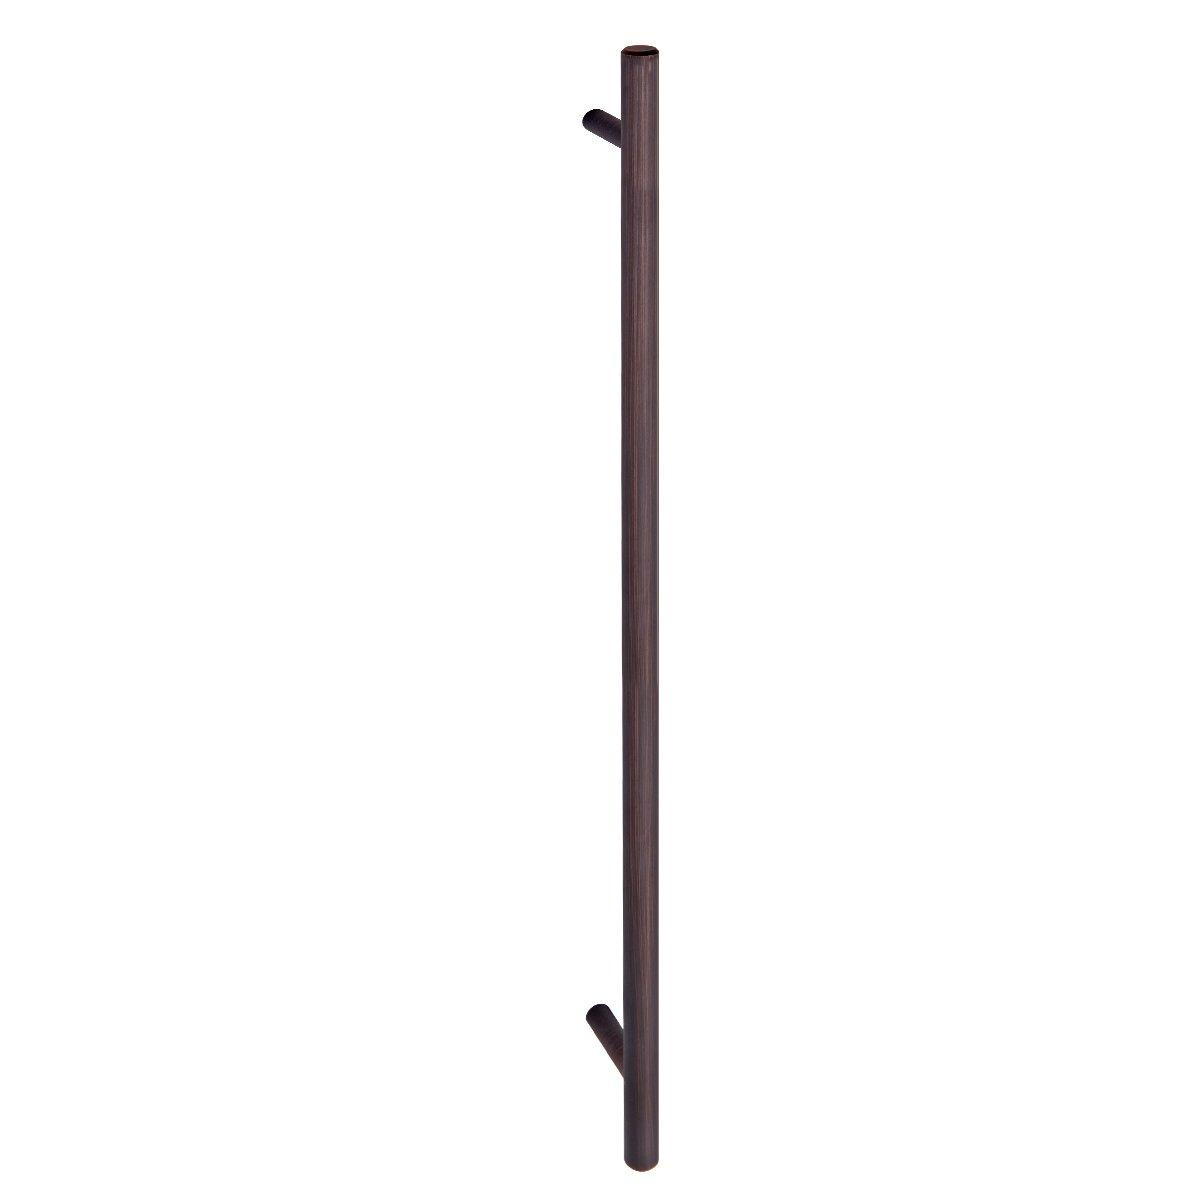 espacement des trous de 10,16 cm Longueur/: 16,2 cm Bronze huil/é diam/ètre de 9,5/mm Basics Lot de 10 poign/ées de placard Barres style europ/éen